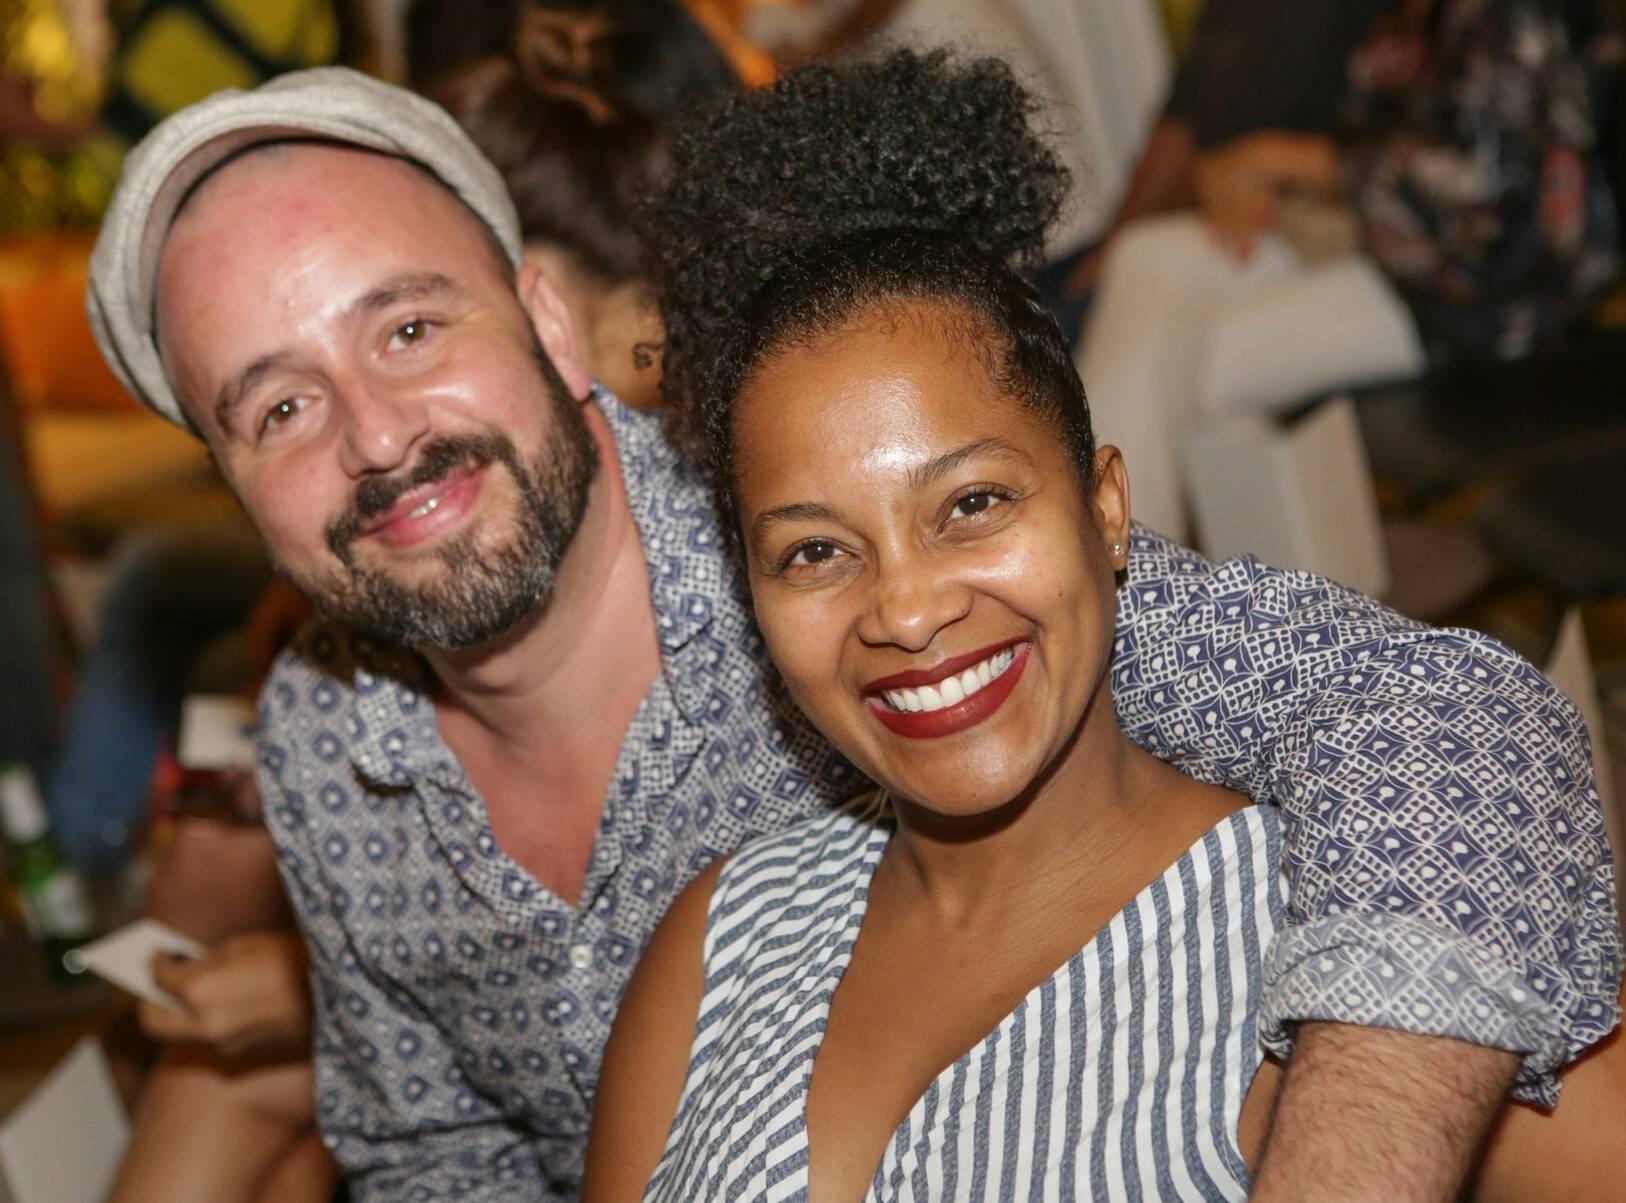 Pedro Pinheiro e Naiara Sena  /Foto: Gianne Carvalho